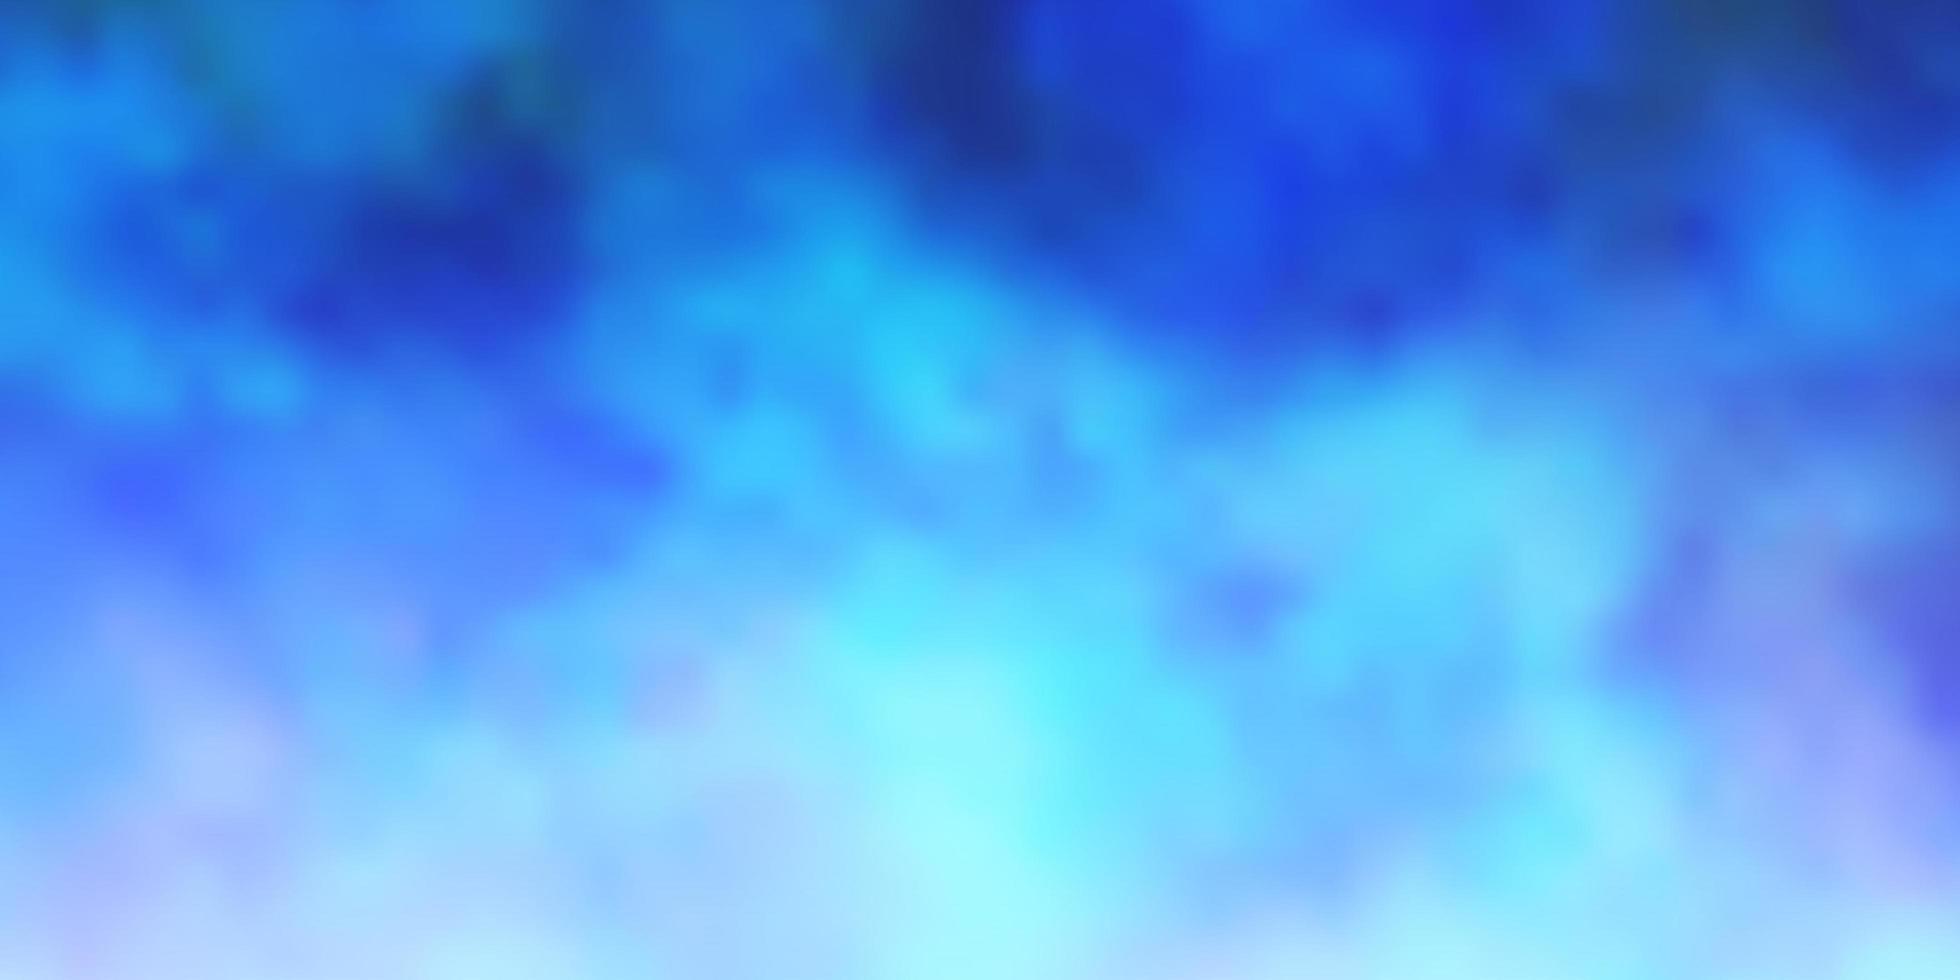 disposition de vecteur bleu clair avec cloudscape.